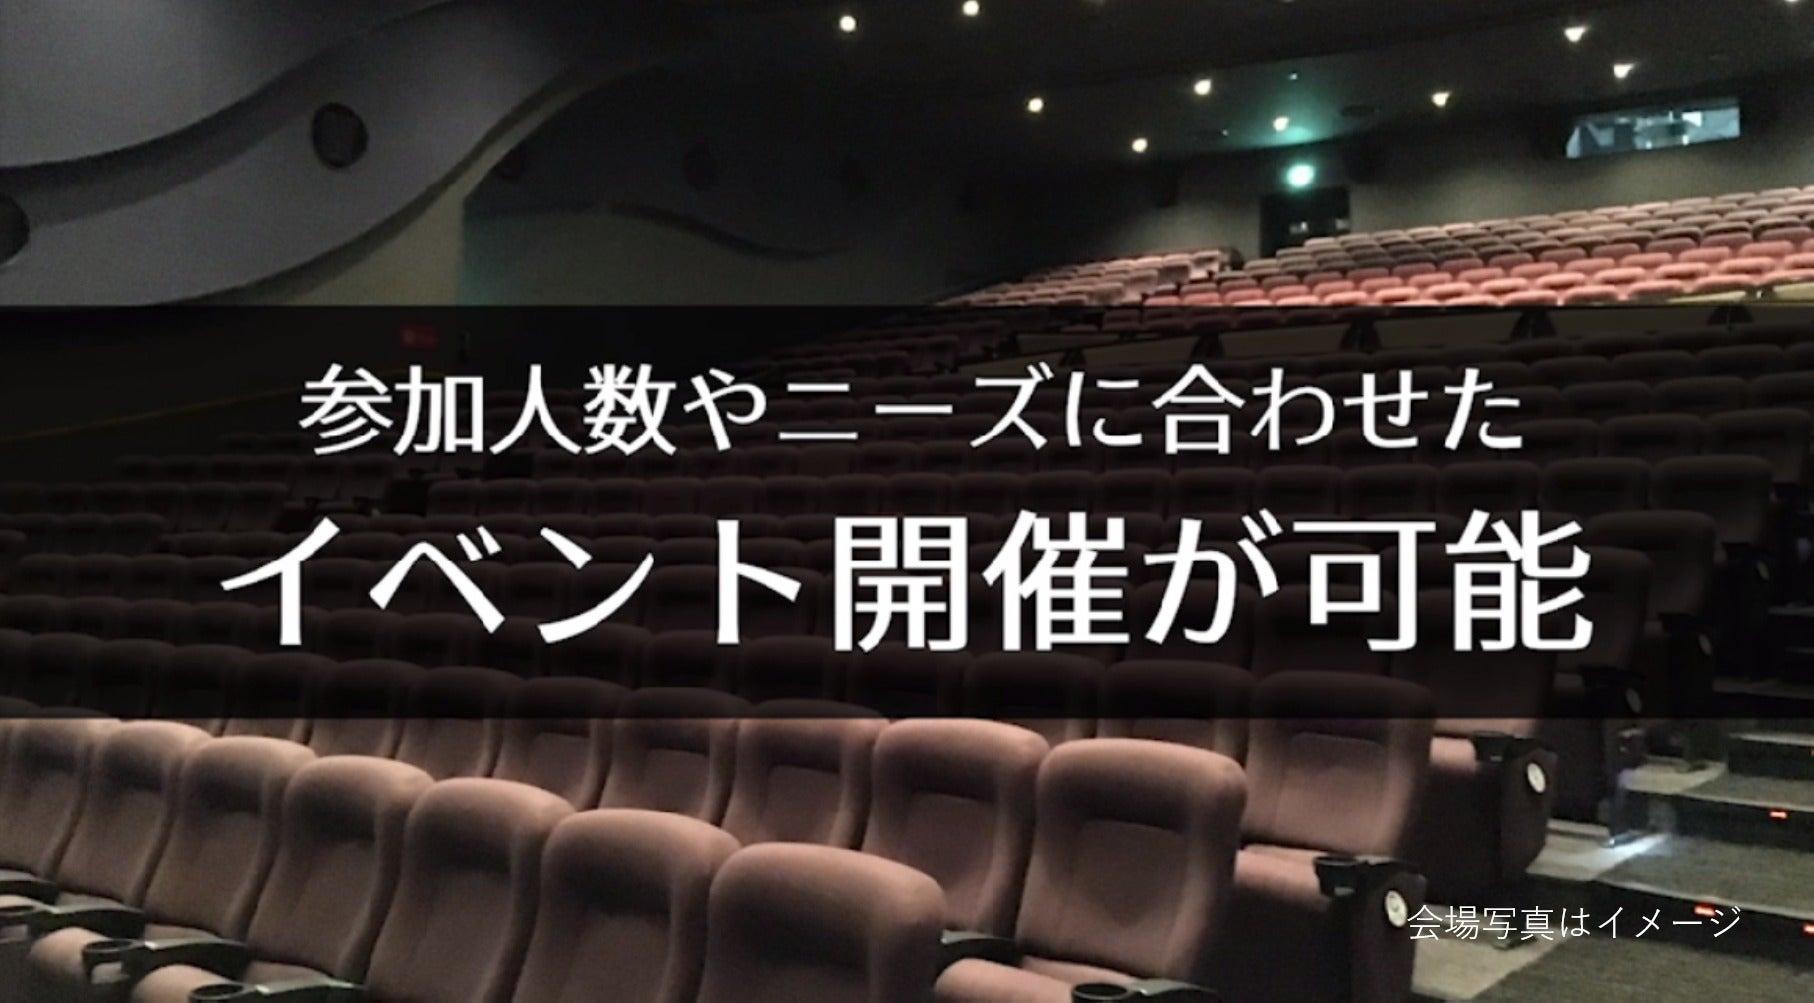 【稲沢 347席】映画館で、会社説明会、株主総会、講演会の企画はいかがですか?(ユナイテッド・シネマ稲沢) の写真0